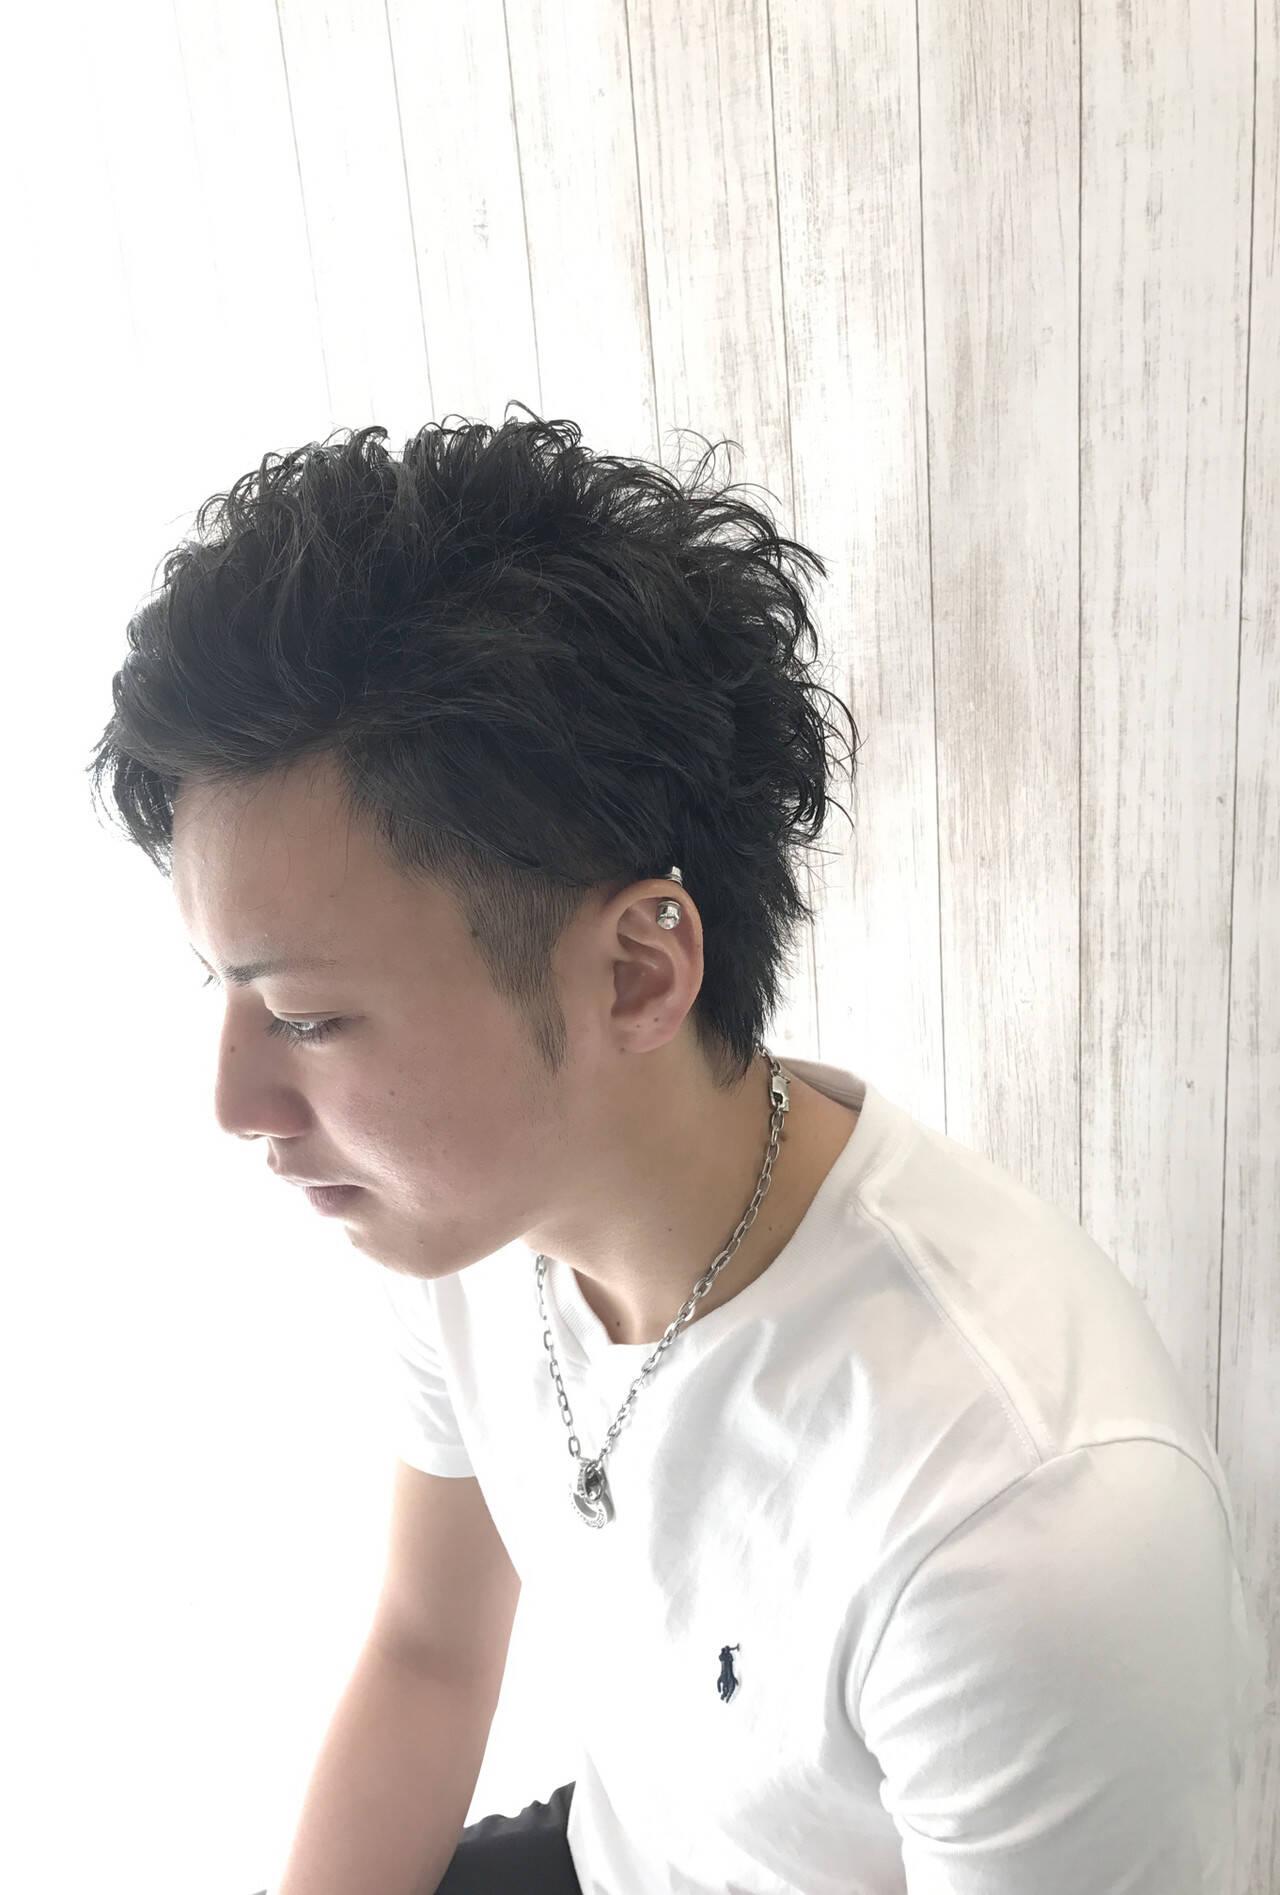 メンズショート メンズヘア ナチュラル メンズスタイルヘアスタイルや髪型の写真・画像